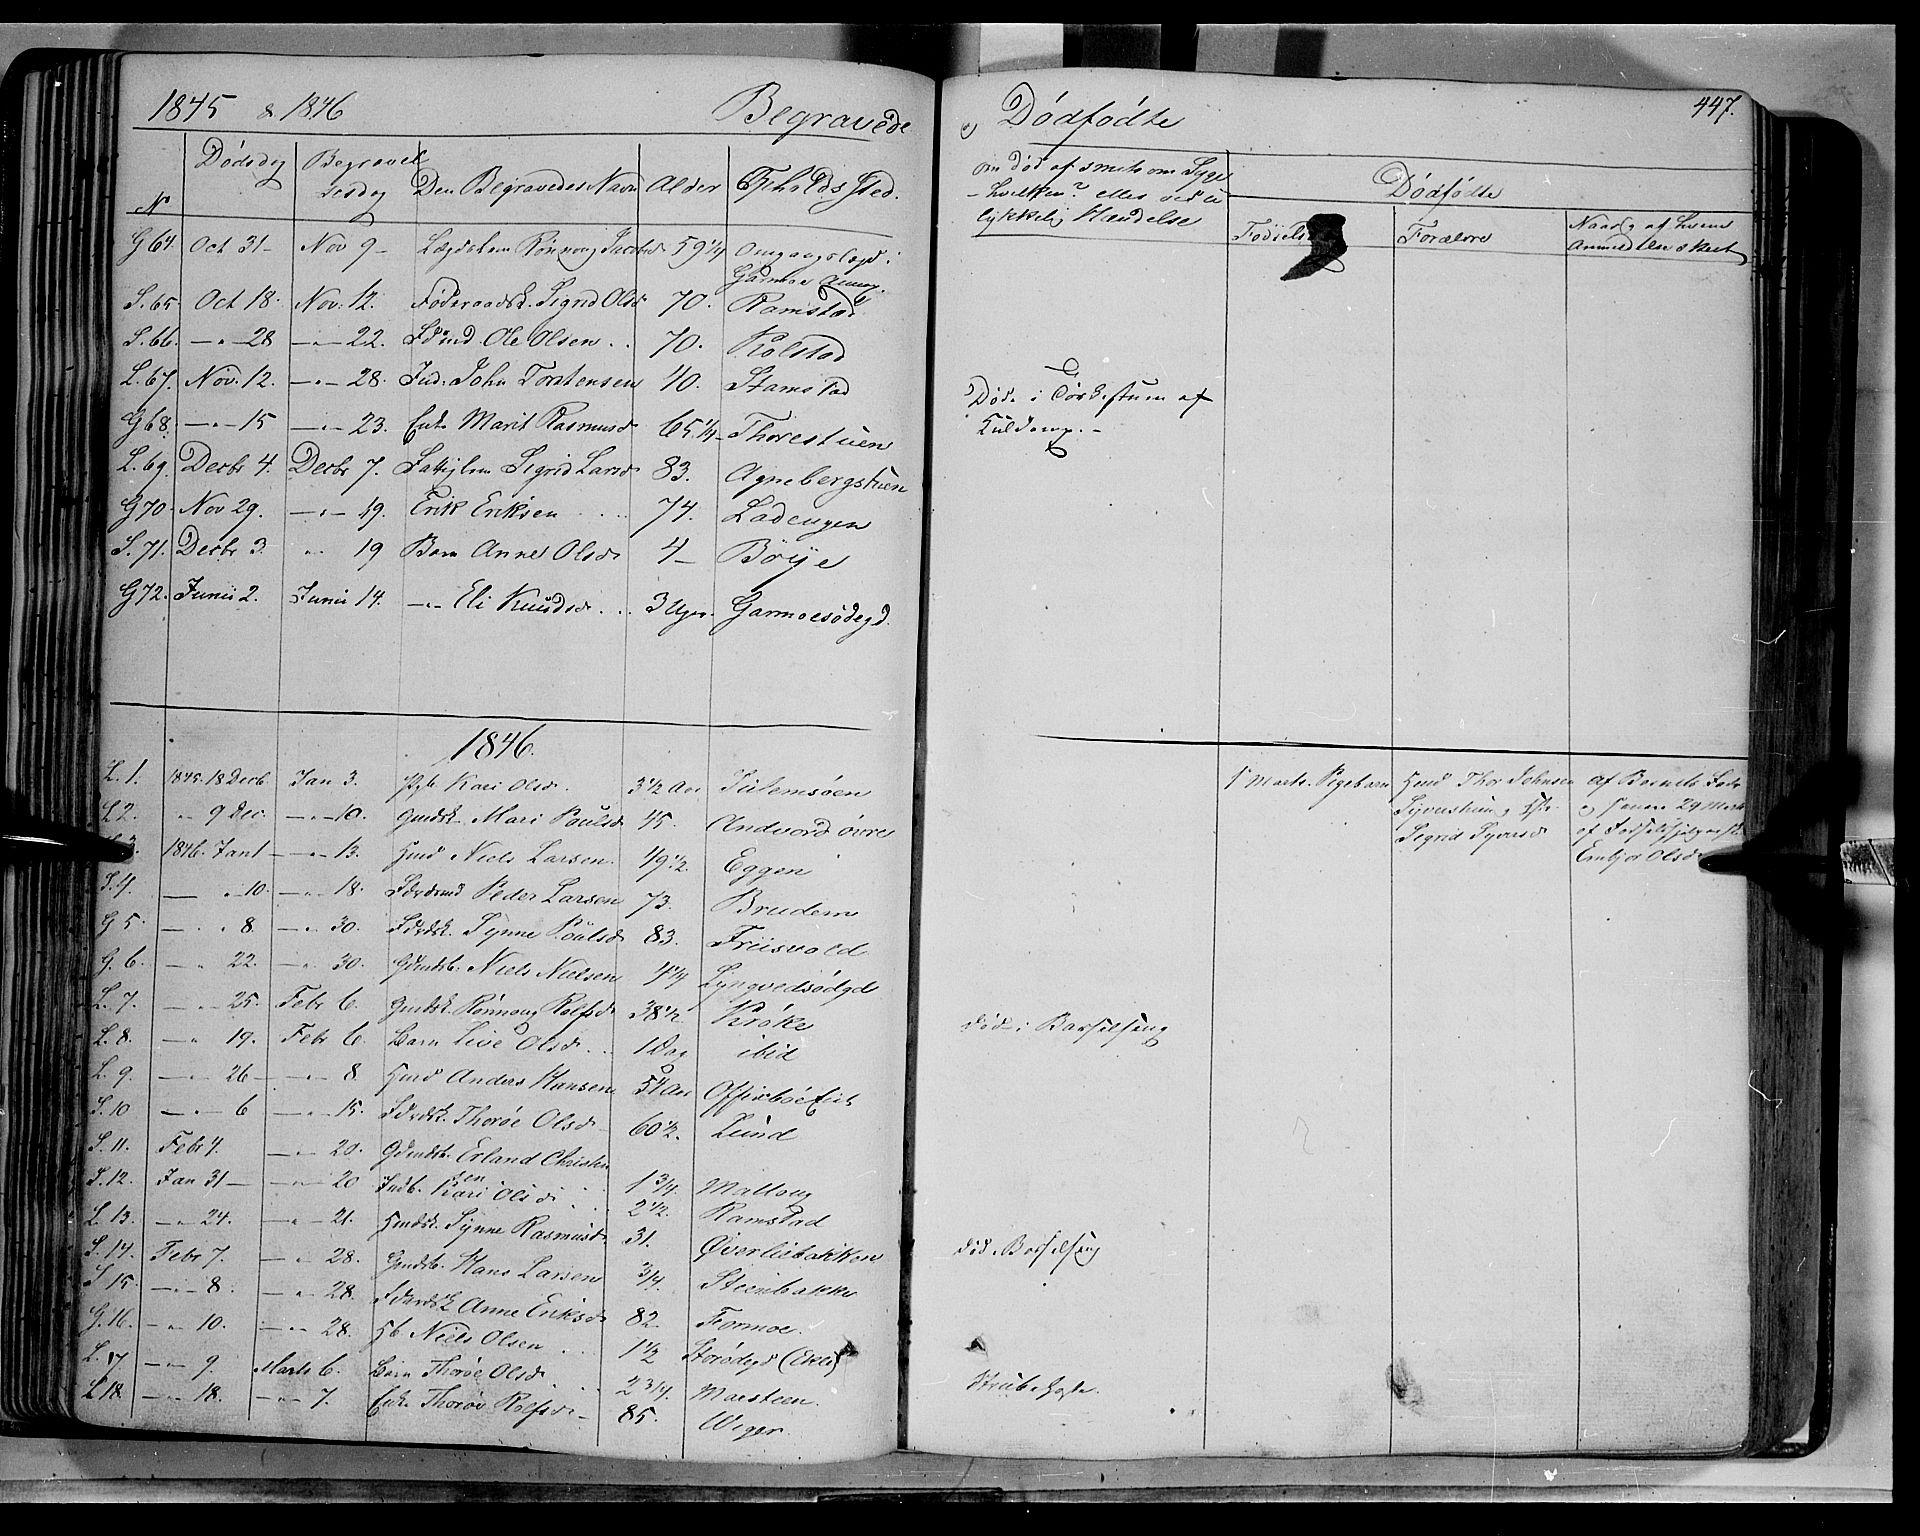 SAH, Lom prestekontor, K/L0006: Ministerialbok nr. 6B, 1837-1863, s. 447